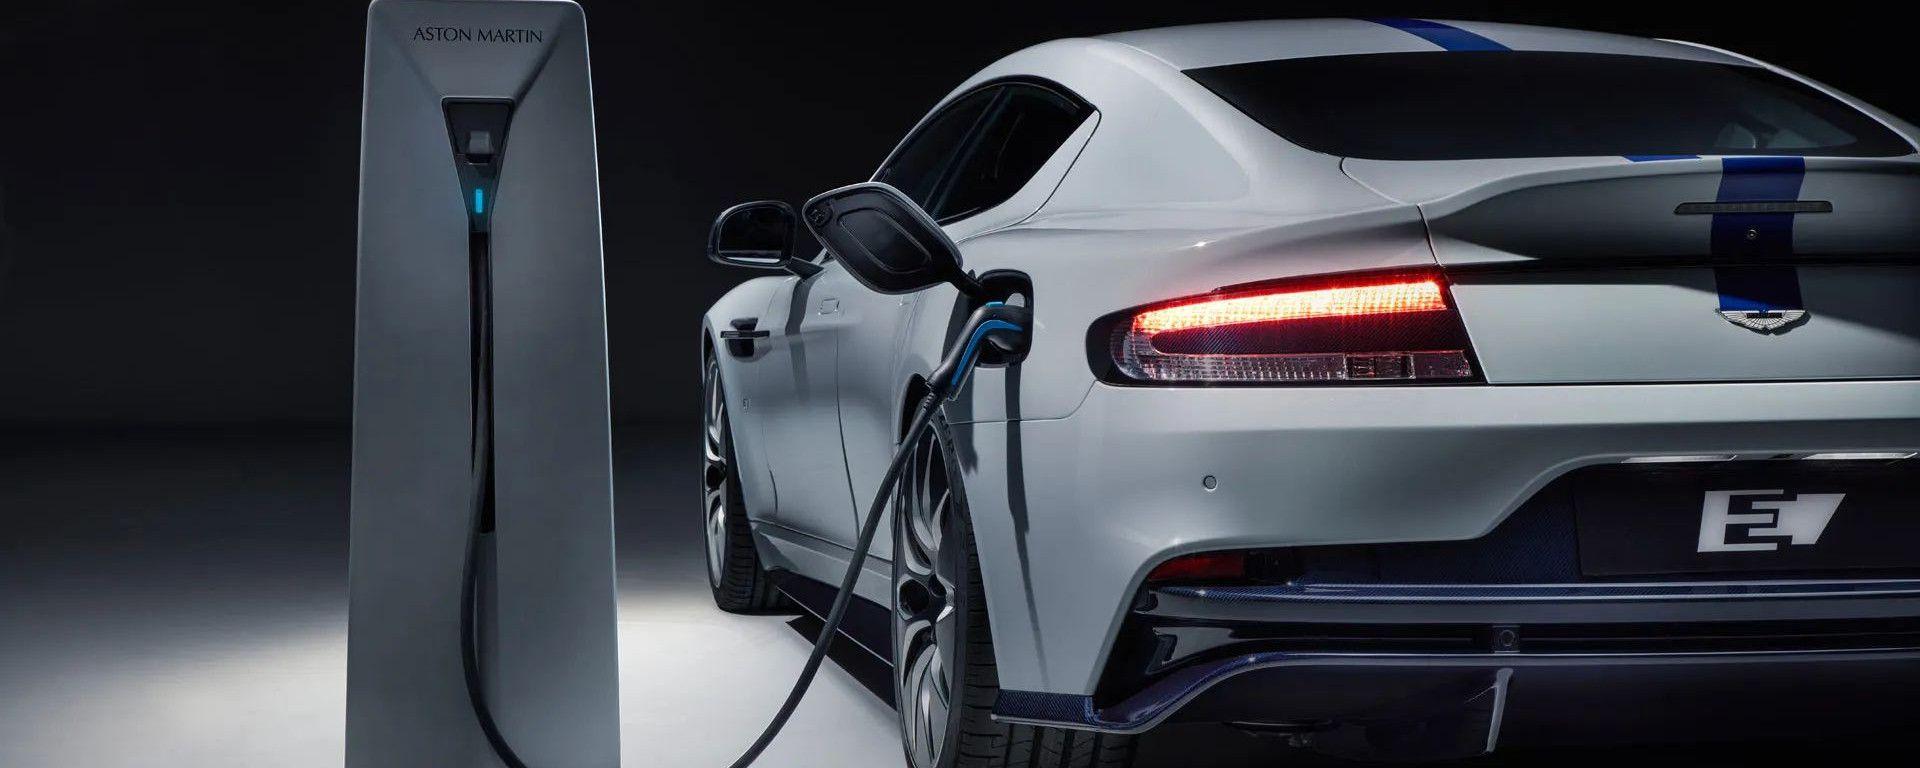 Aston Martin: due auto elettriche entro il 2025